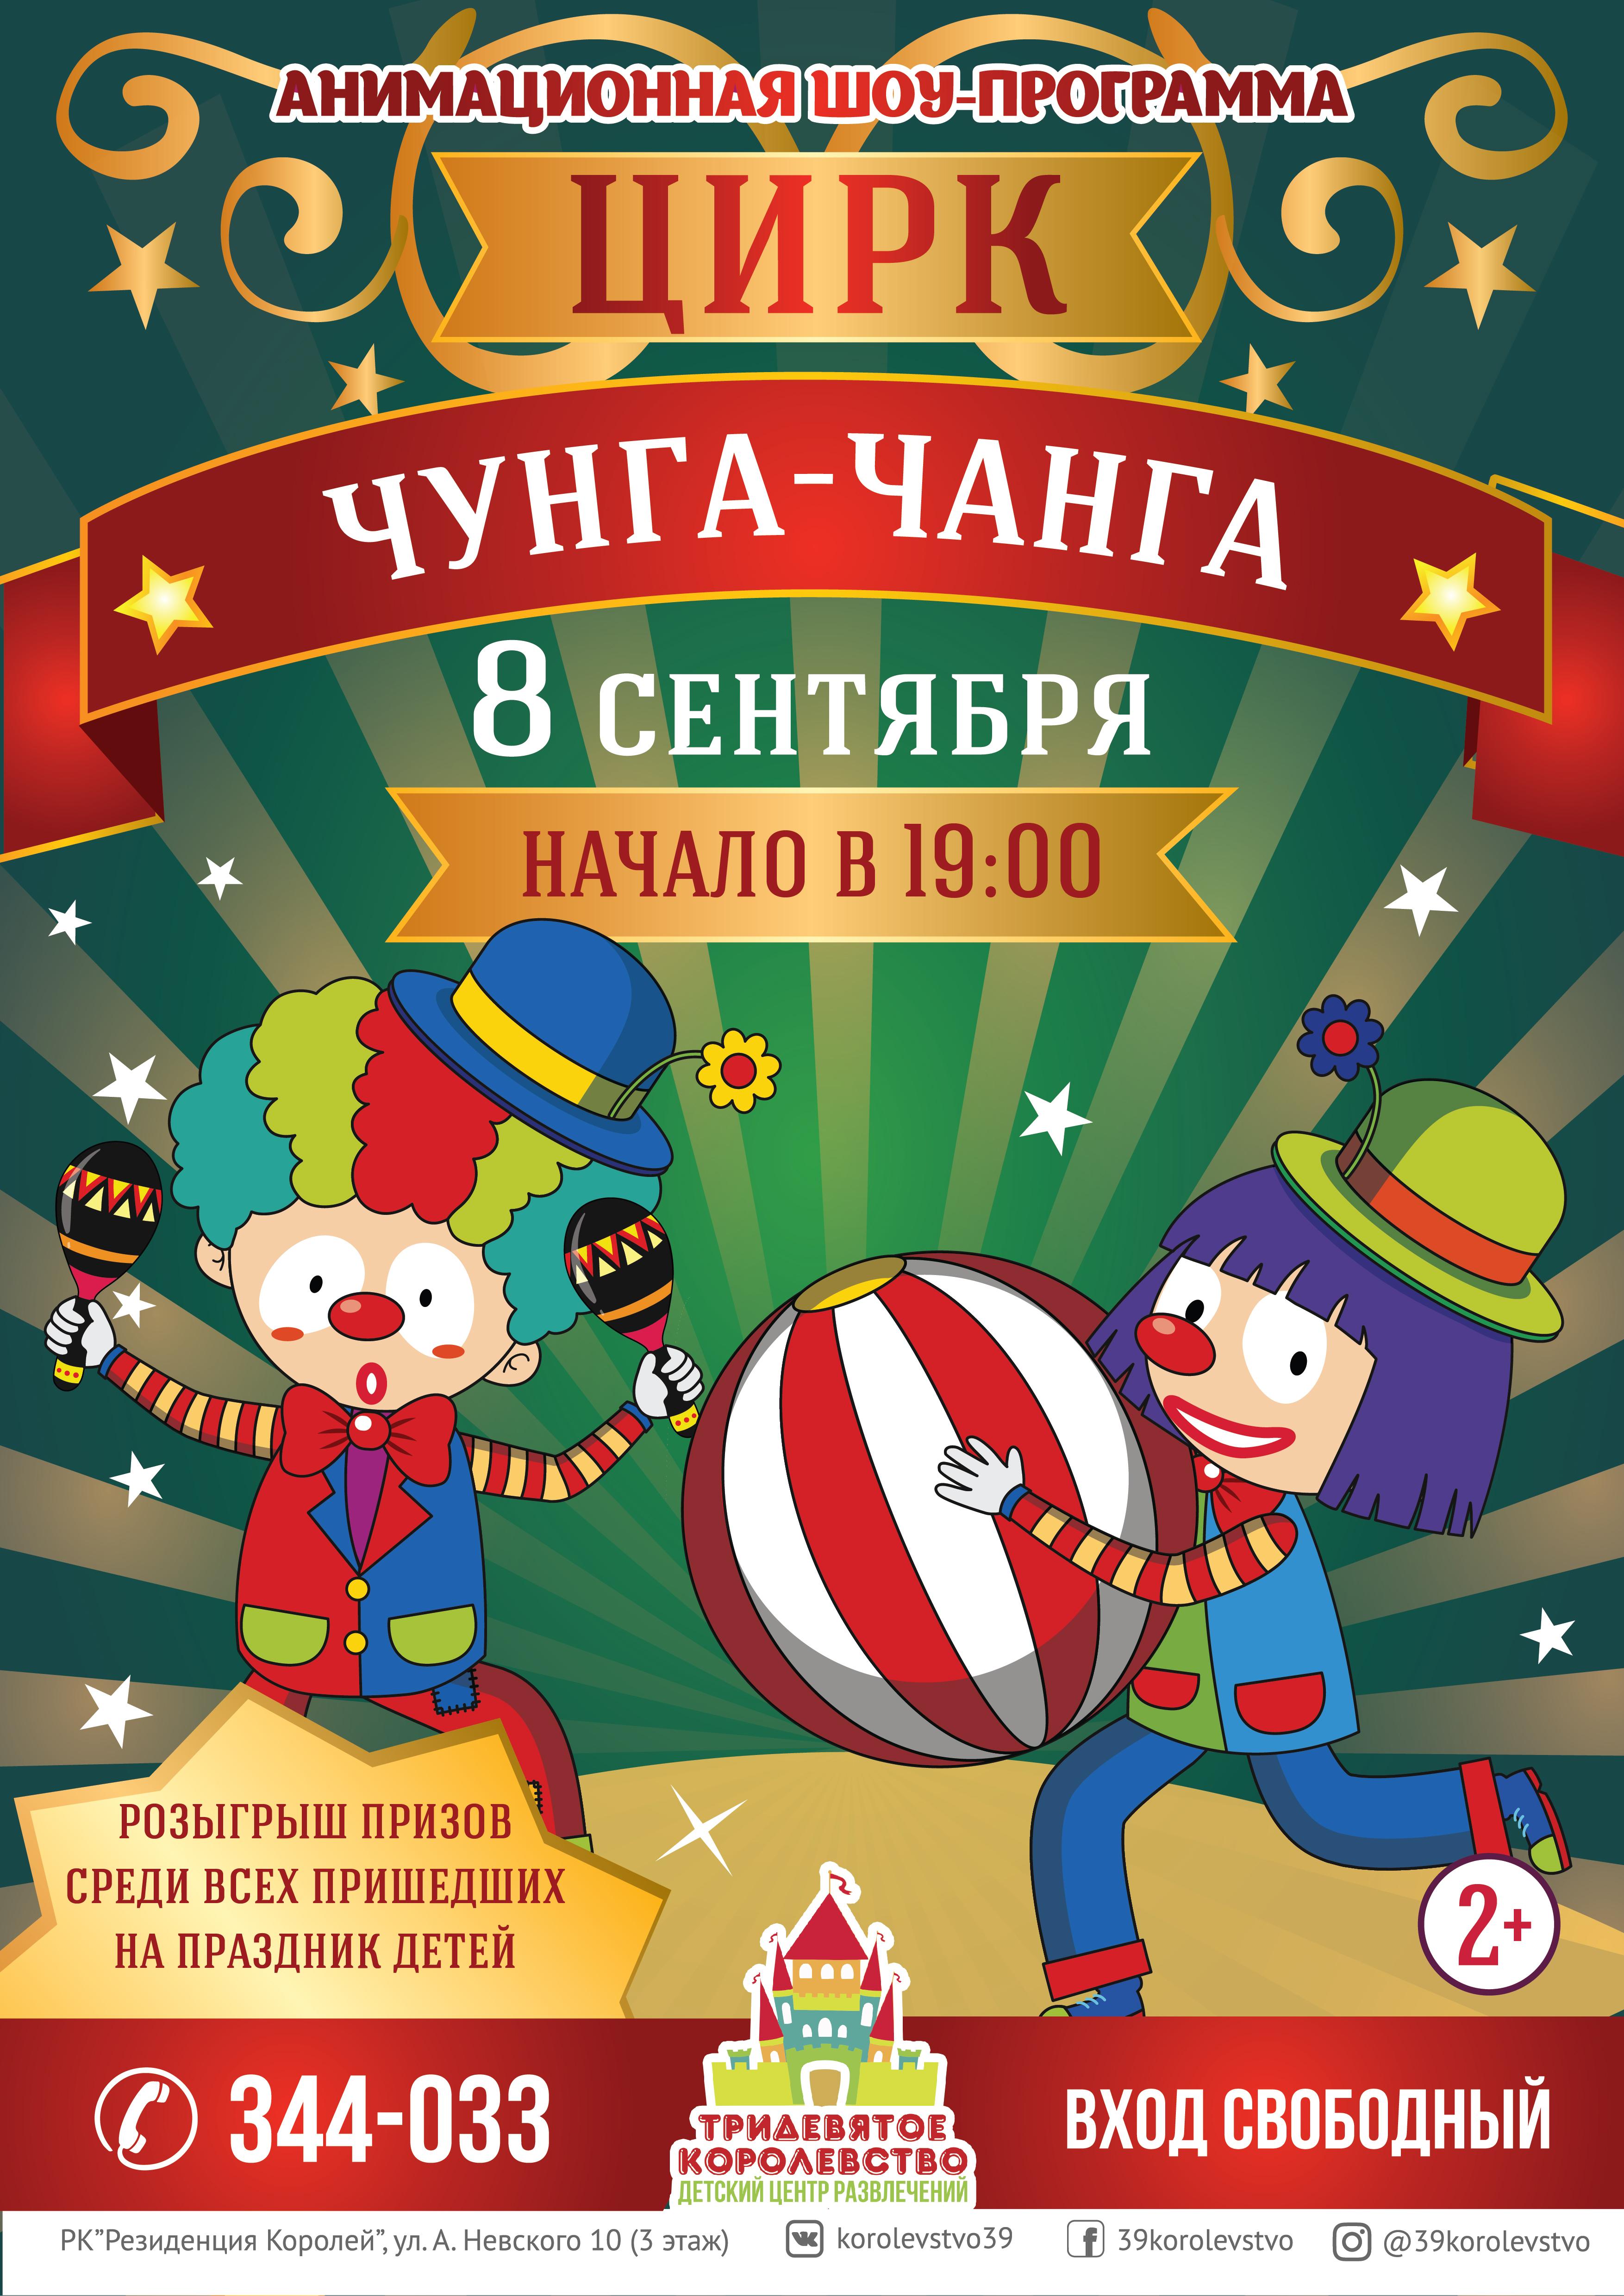 8 сентября Цирк А1